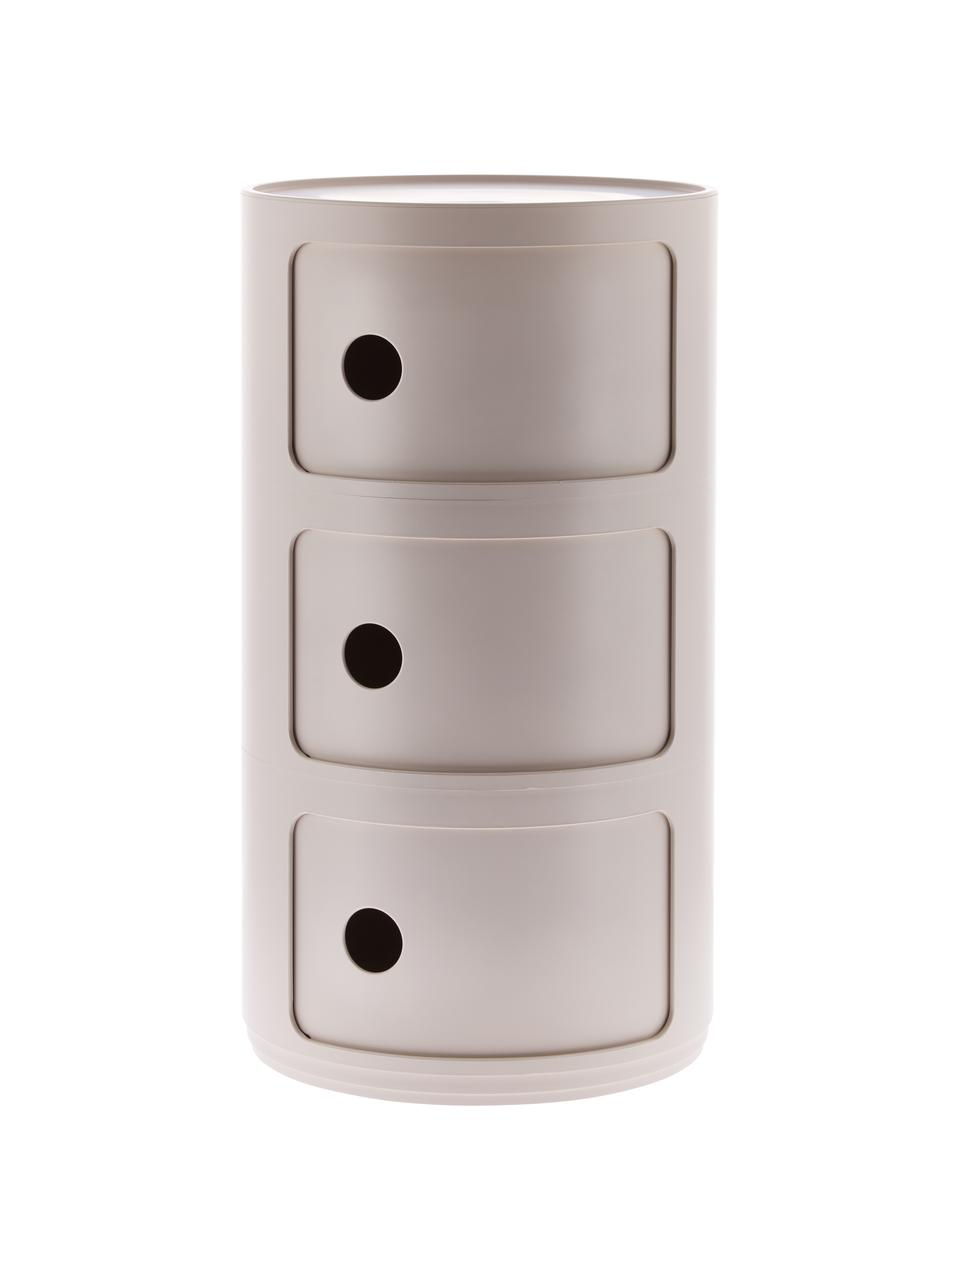 Comodino contenitore di design con 3 cassetti Componibili, 100% biopolimero da materie prime rinnovabili, Crema, opaco, Ø 32 x Alt. 59 cm